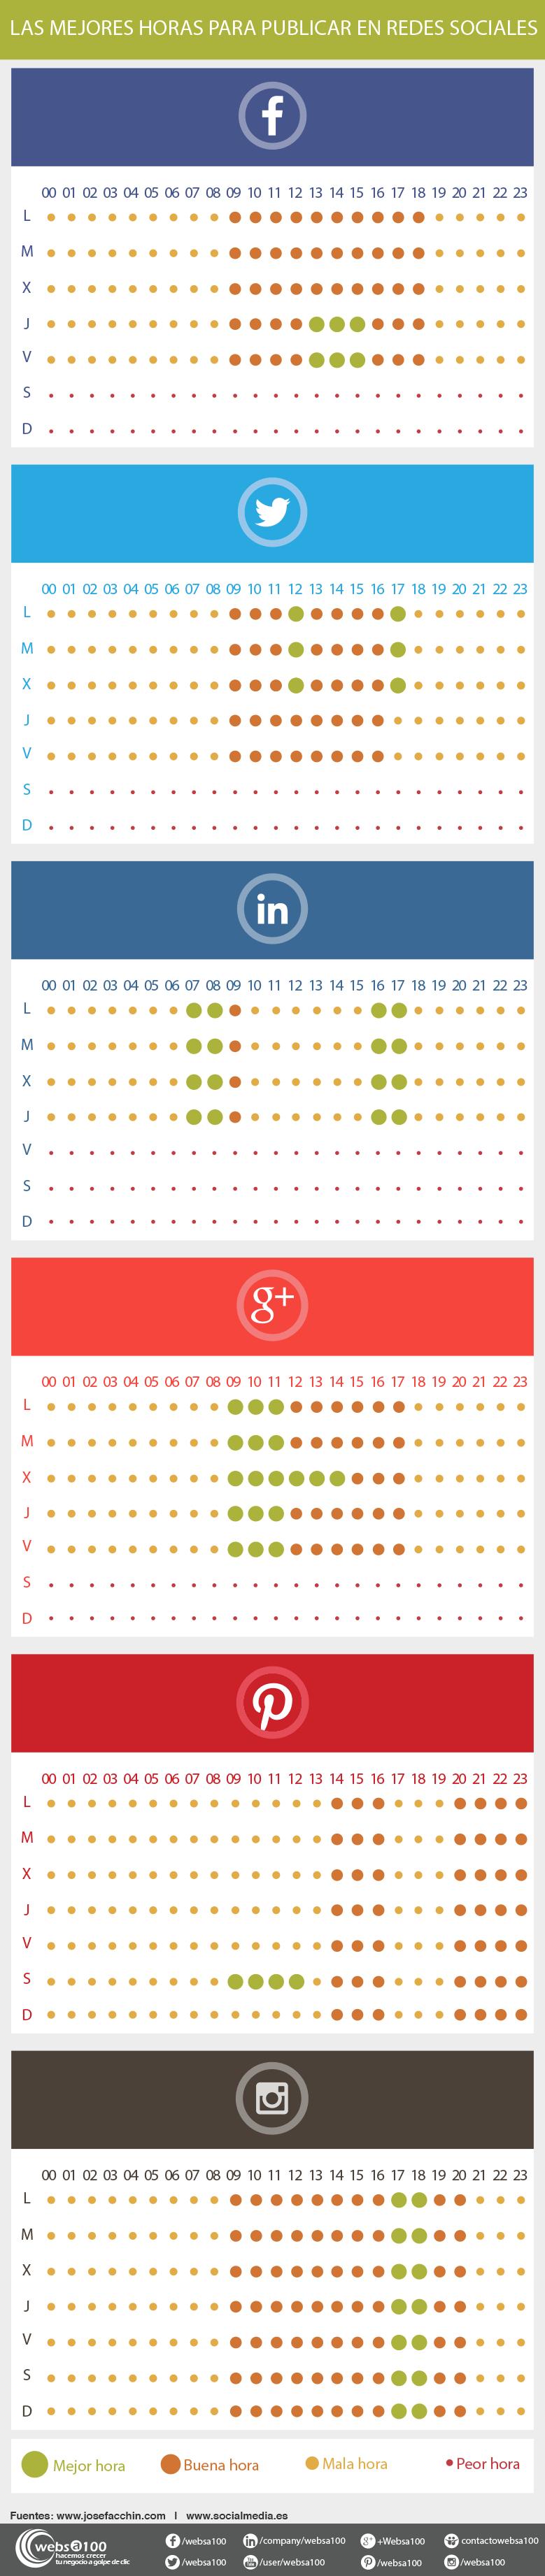 Infografía con las mejores horas para publicar en las redes sociales